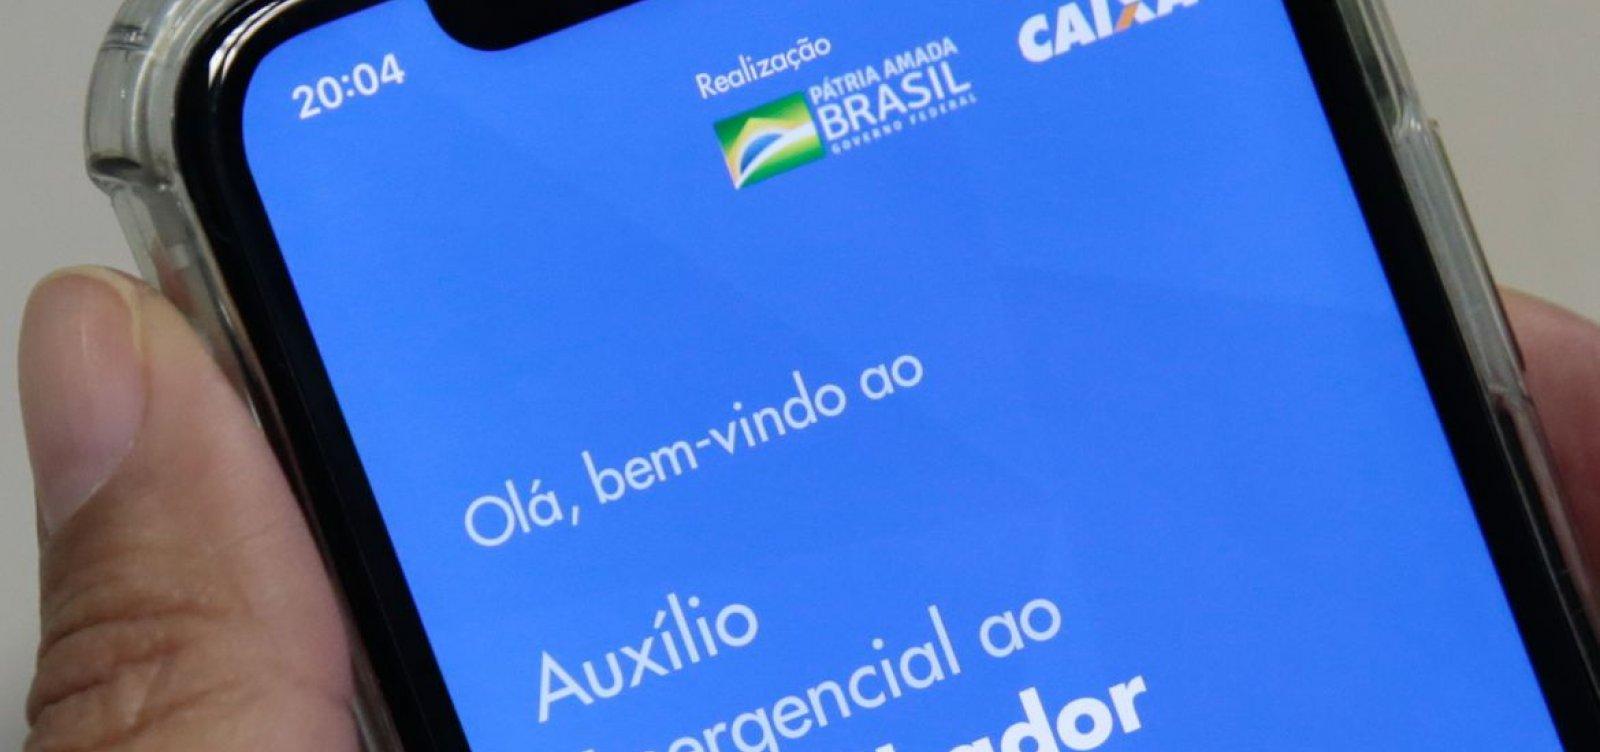 Políticos com patrimônio milionário têm auxílio emergencial liberado pela Caixa